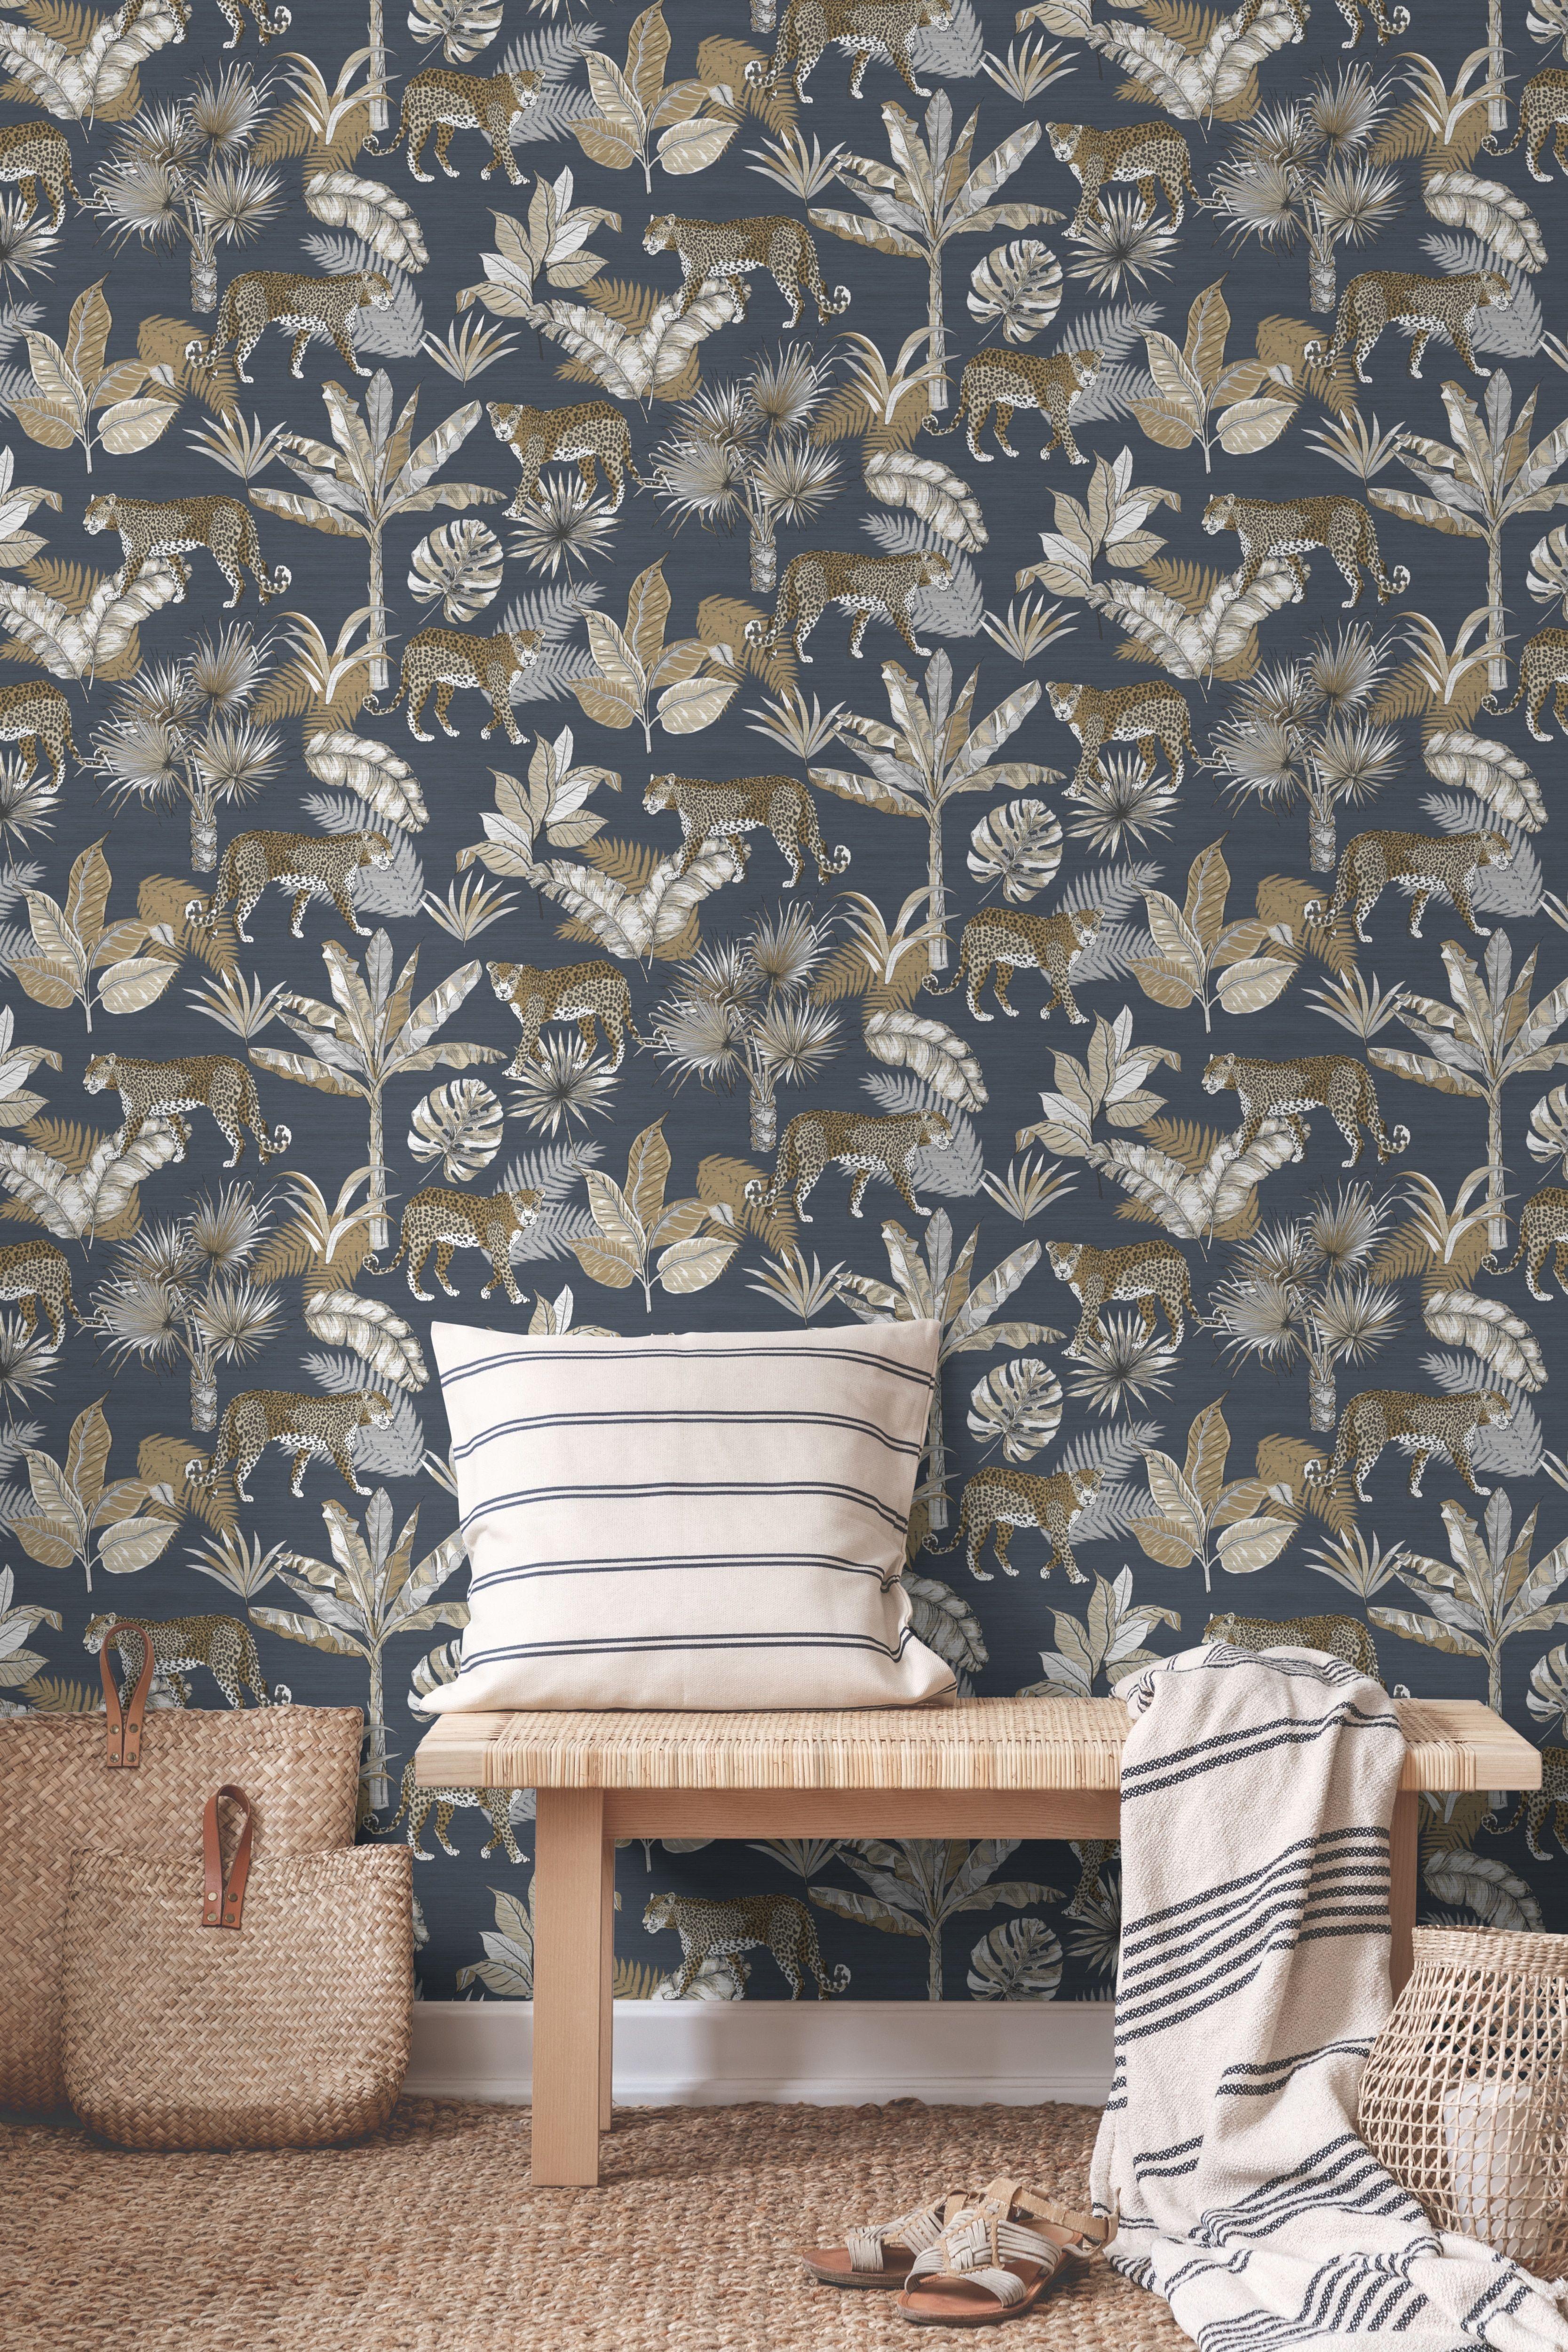 Rw108 Charcoal Wallpaper Jungle Wallpaper Interior